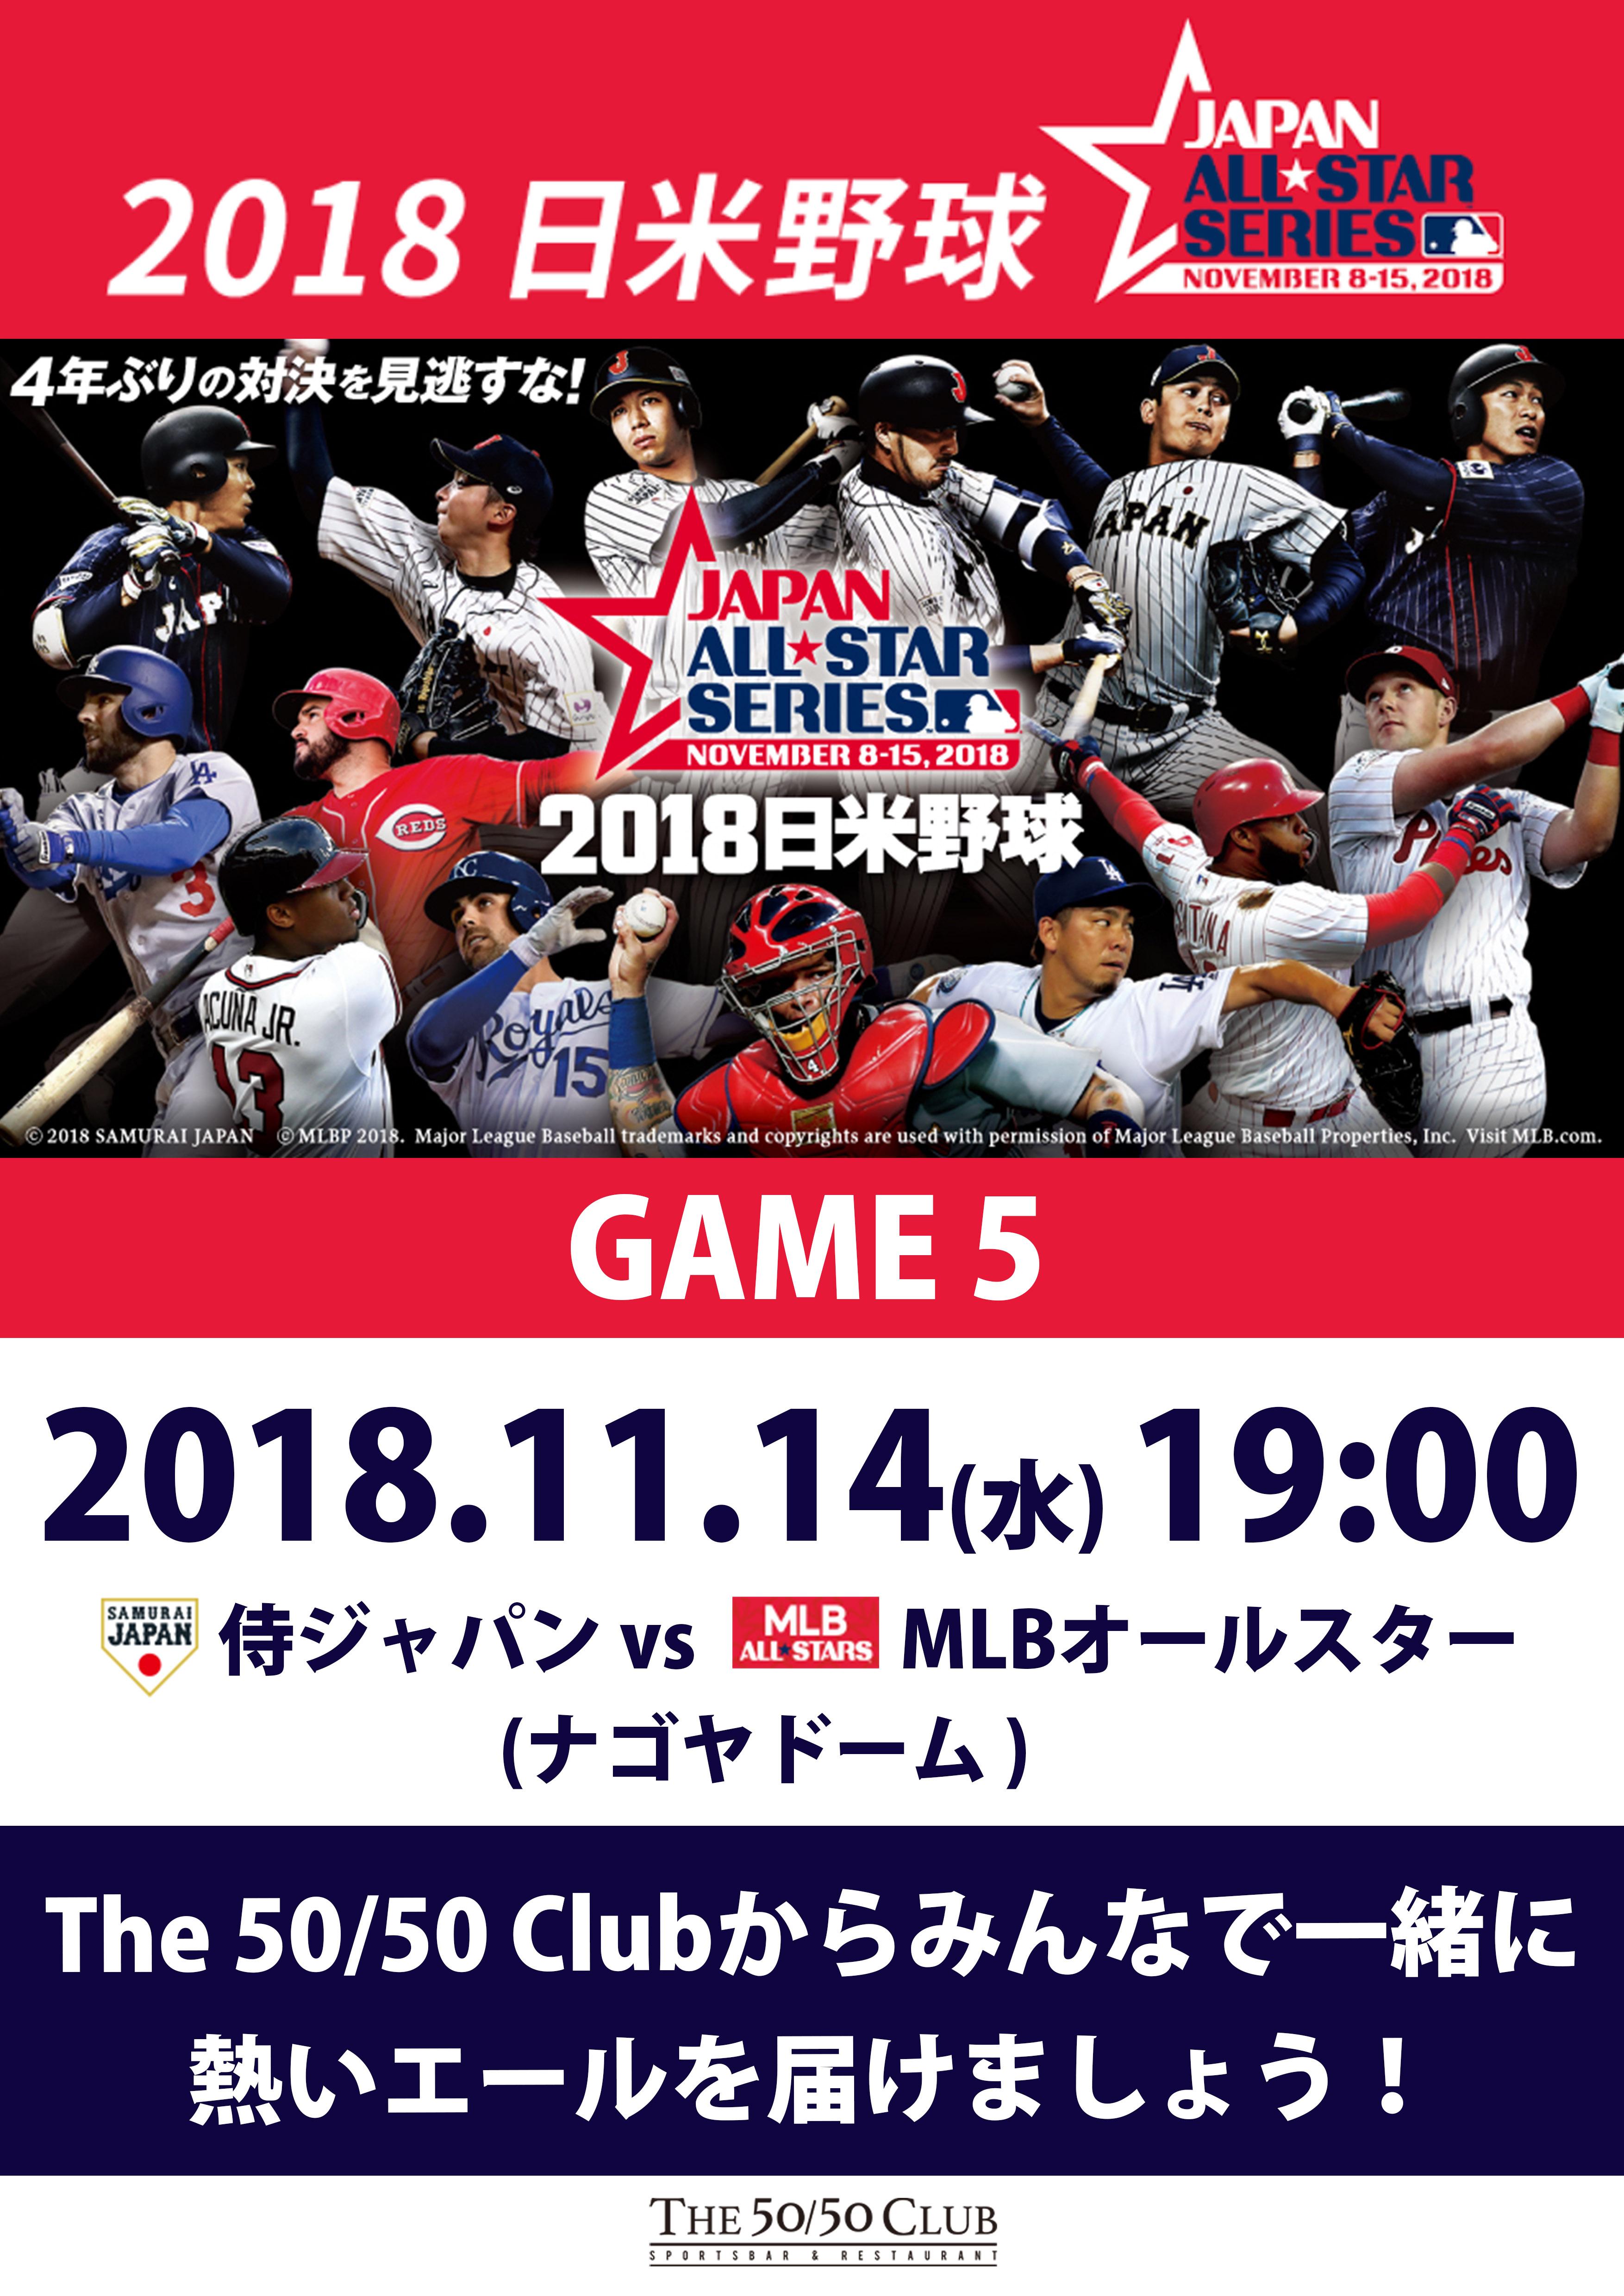 20181114 SAMURAI JAPAN